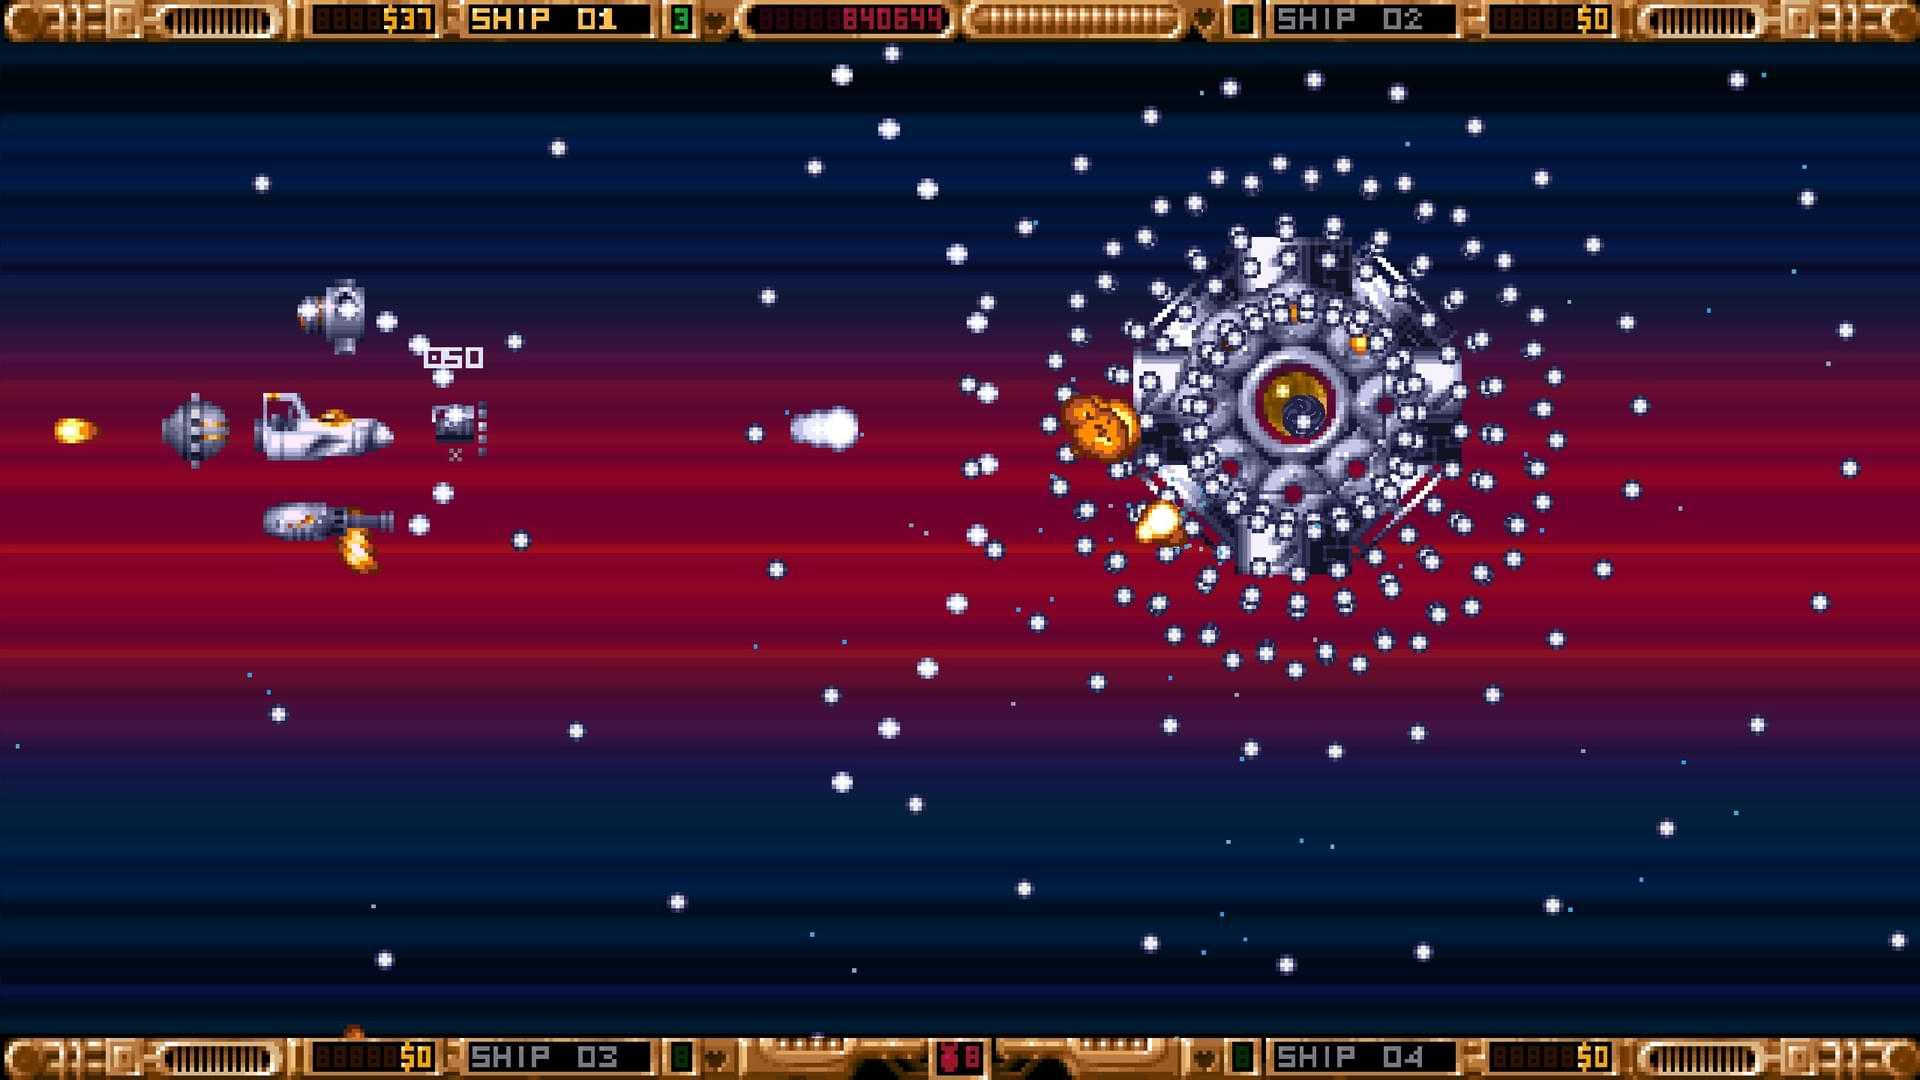 1993 Space Machine - Shenanigans